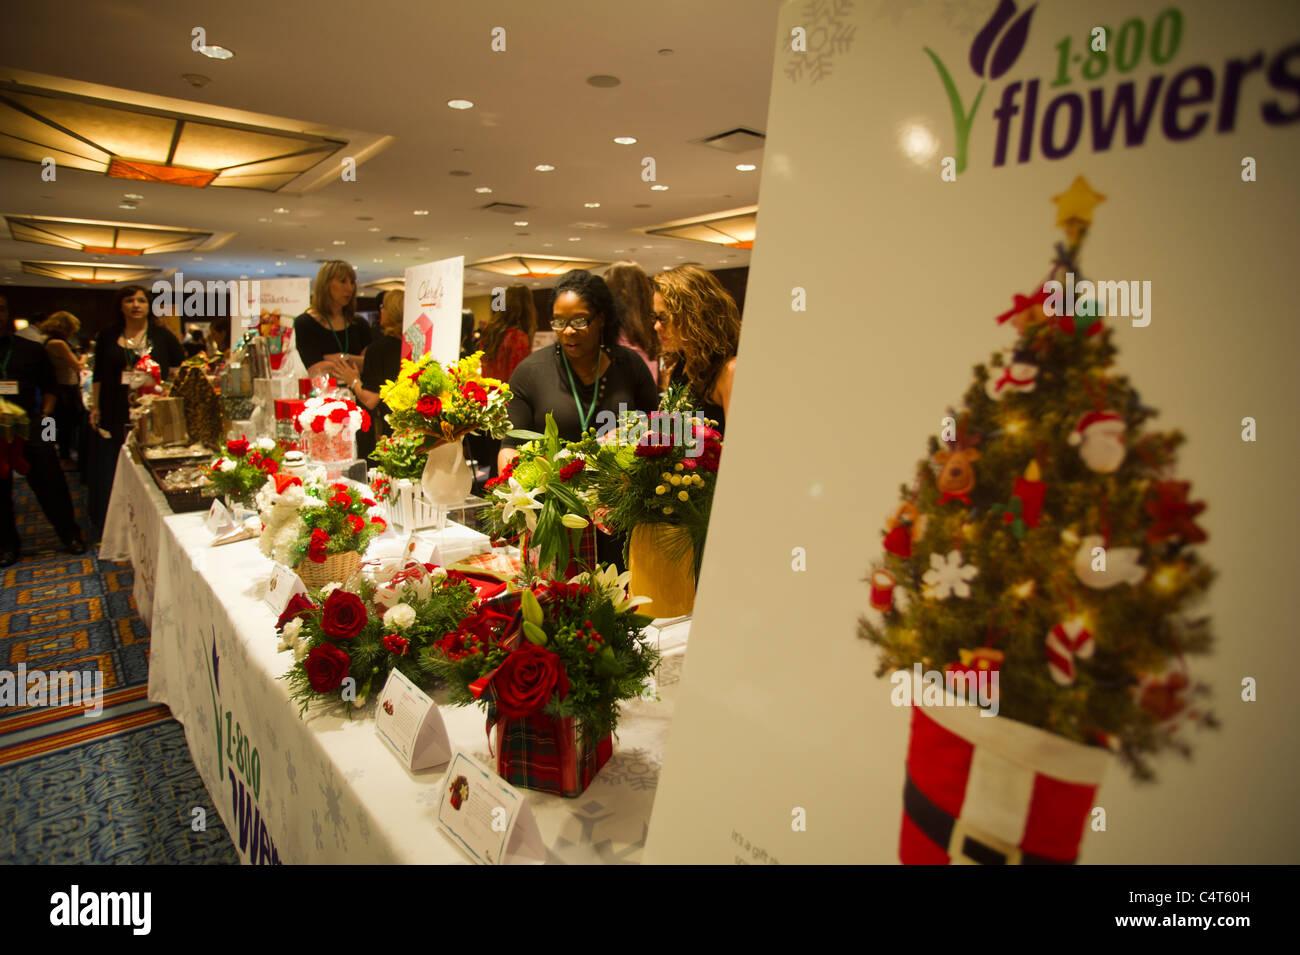 Guida Ai Regali Di Natale.Il Numero 1 800 Flowers Com Presentano Al 2011 Guida Ai Regali Di